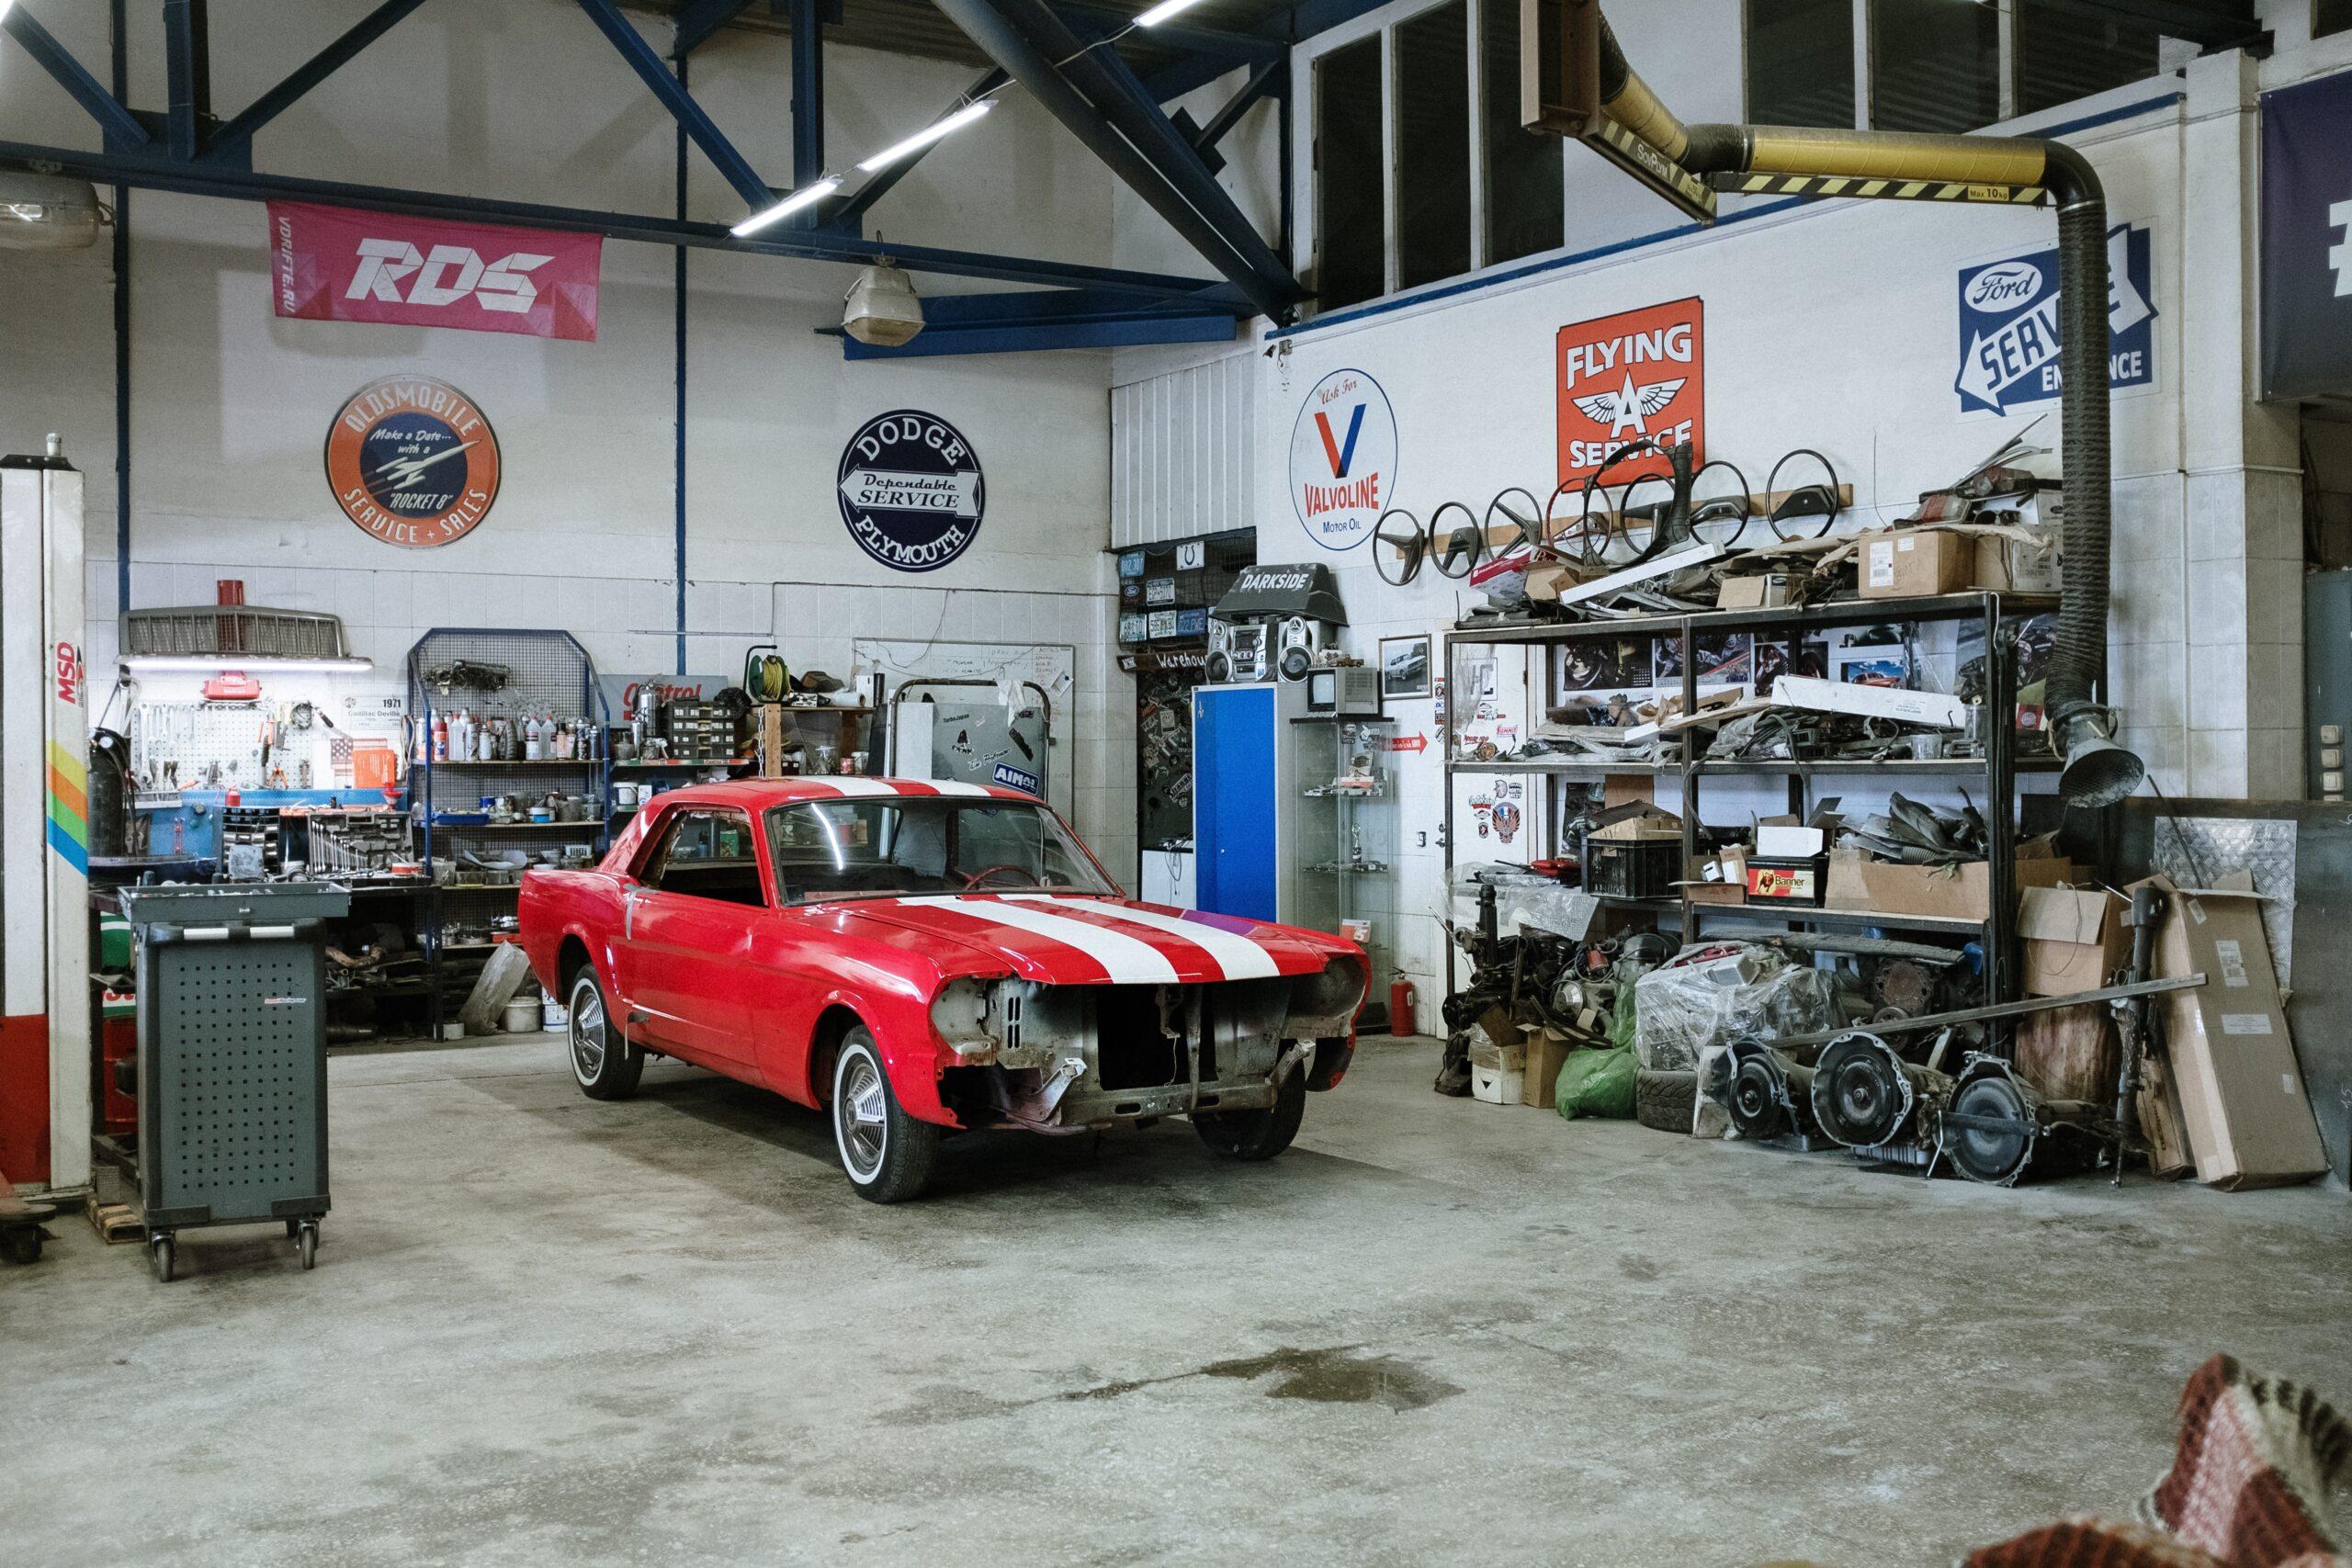 Garage automobile avec outillage, établis et servante d'atelier